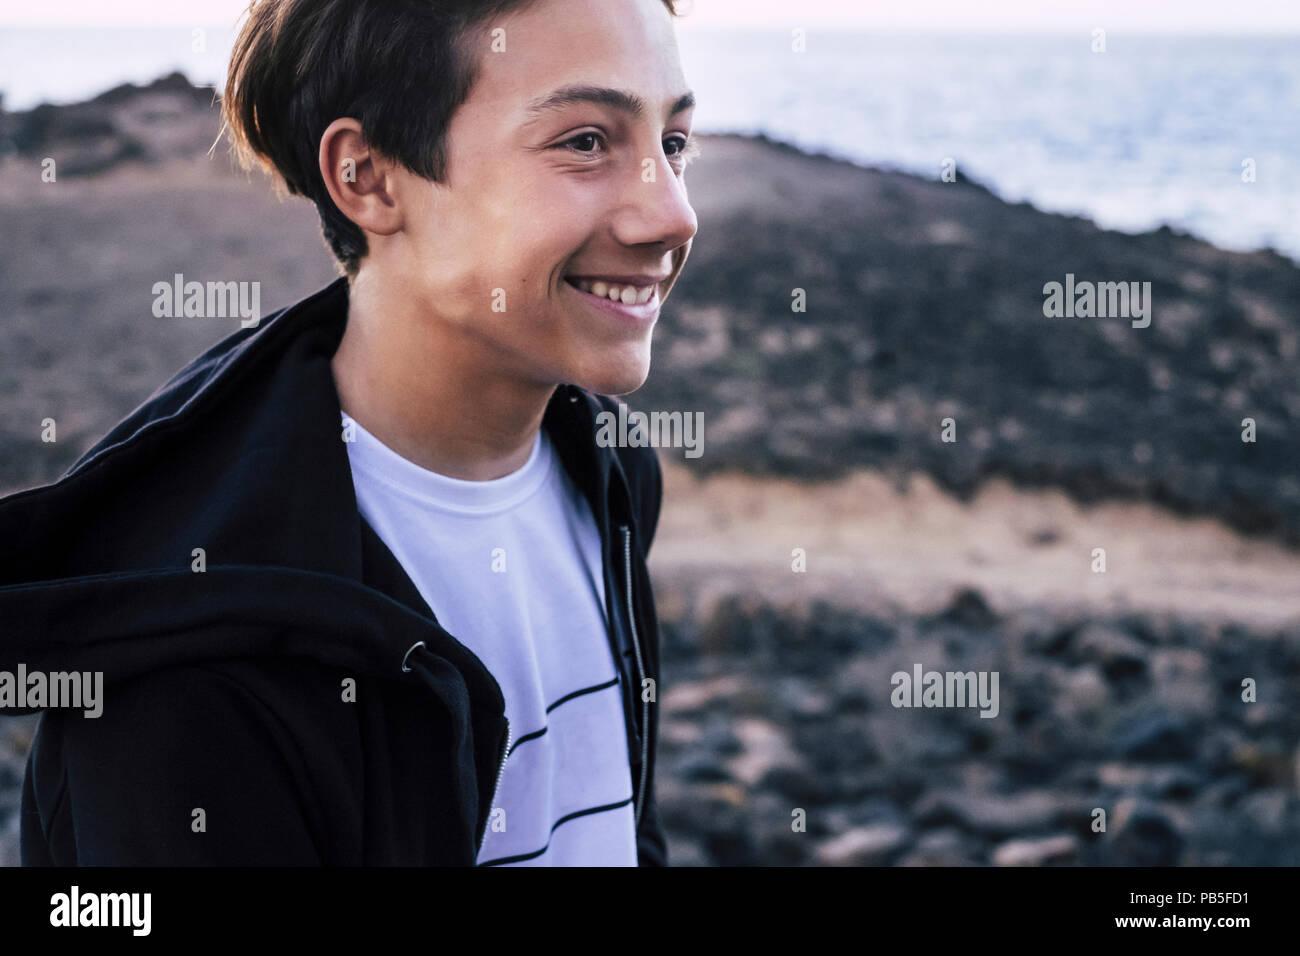 Bionda e bellissima adolescente 14 anni con la sunflare e tramonto in background in Tenerife Isole Canarie. Modello di giovani la libertà e th Immagini Stock